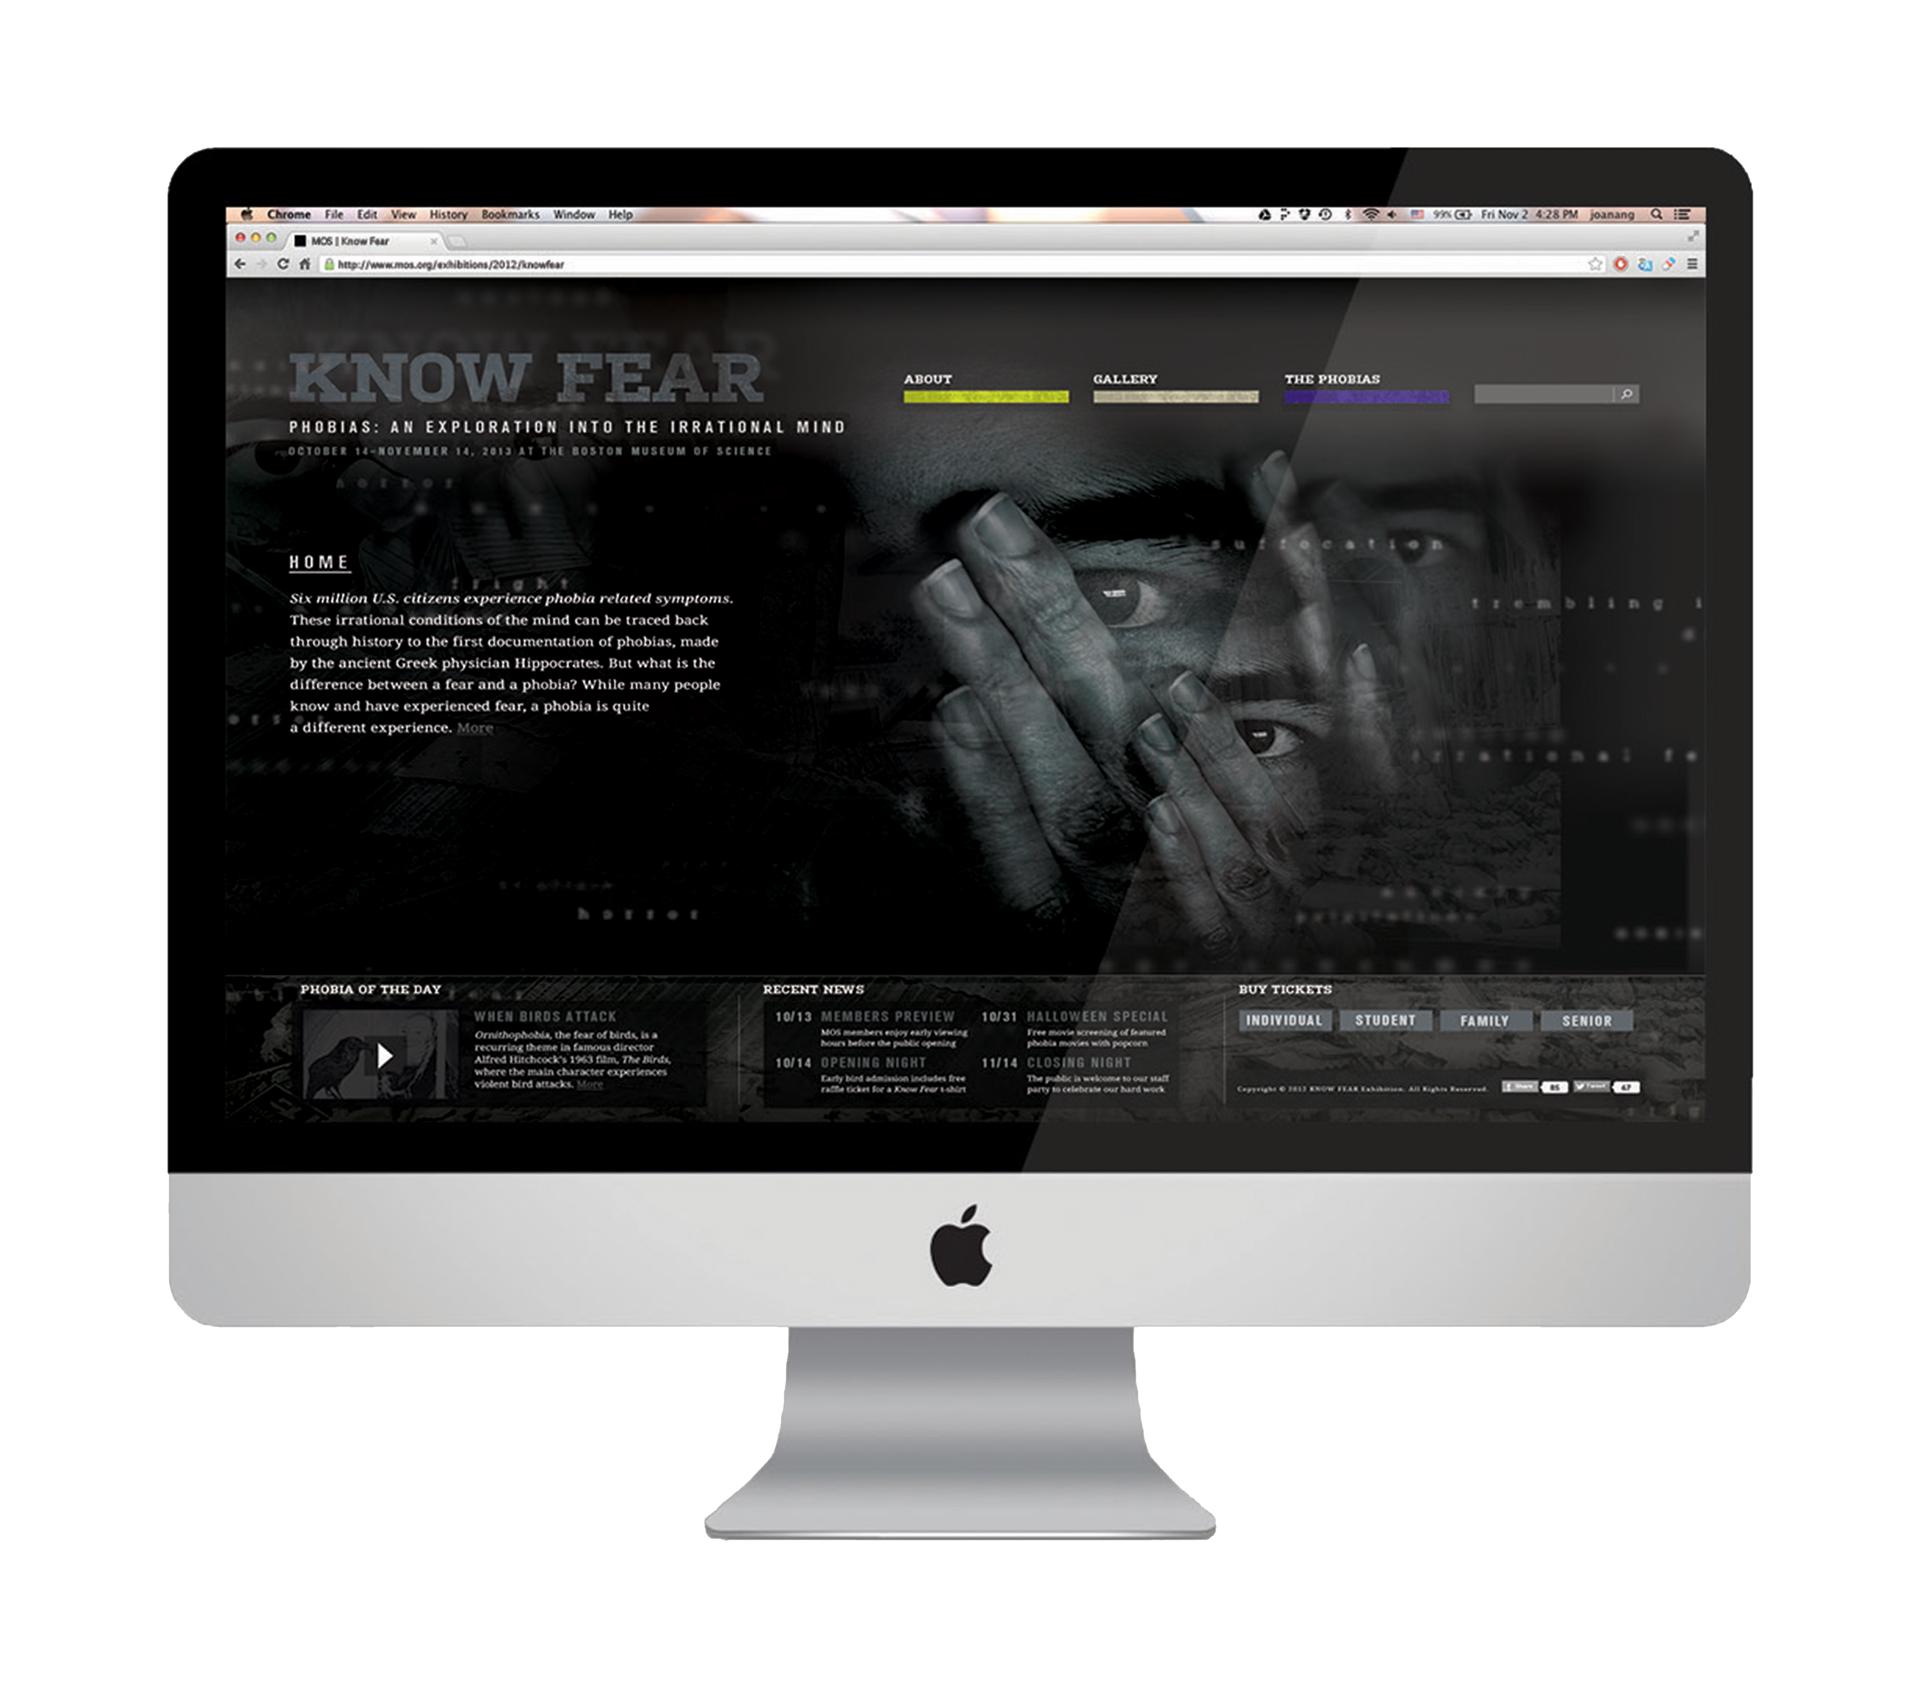 web_mac-300-copy2.jpg